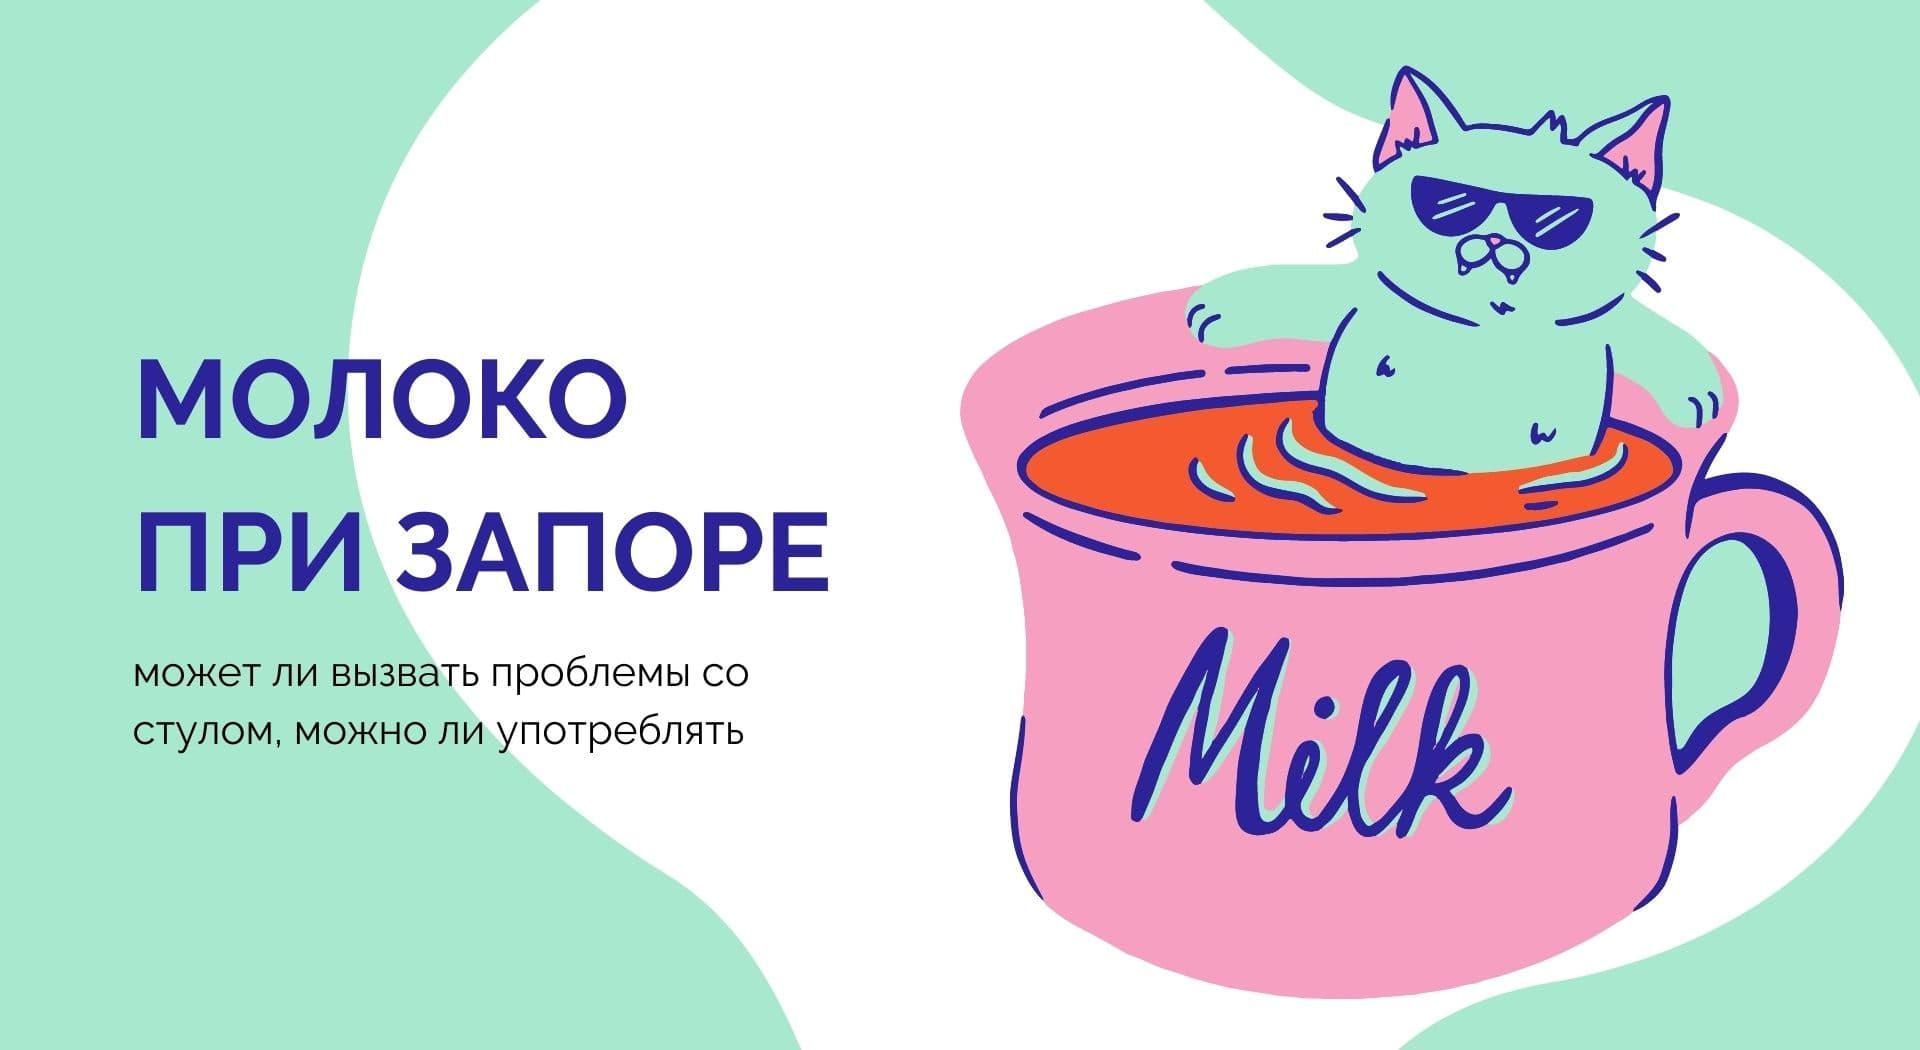 Молоко при запоре: может ли вызвать проблемы со стулом, можно ли употреблять